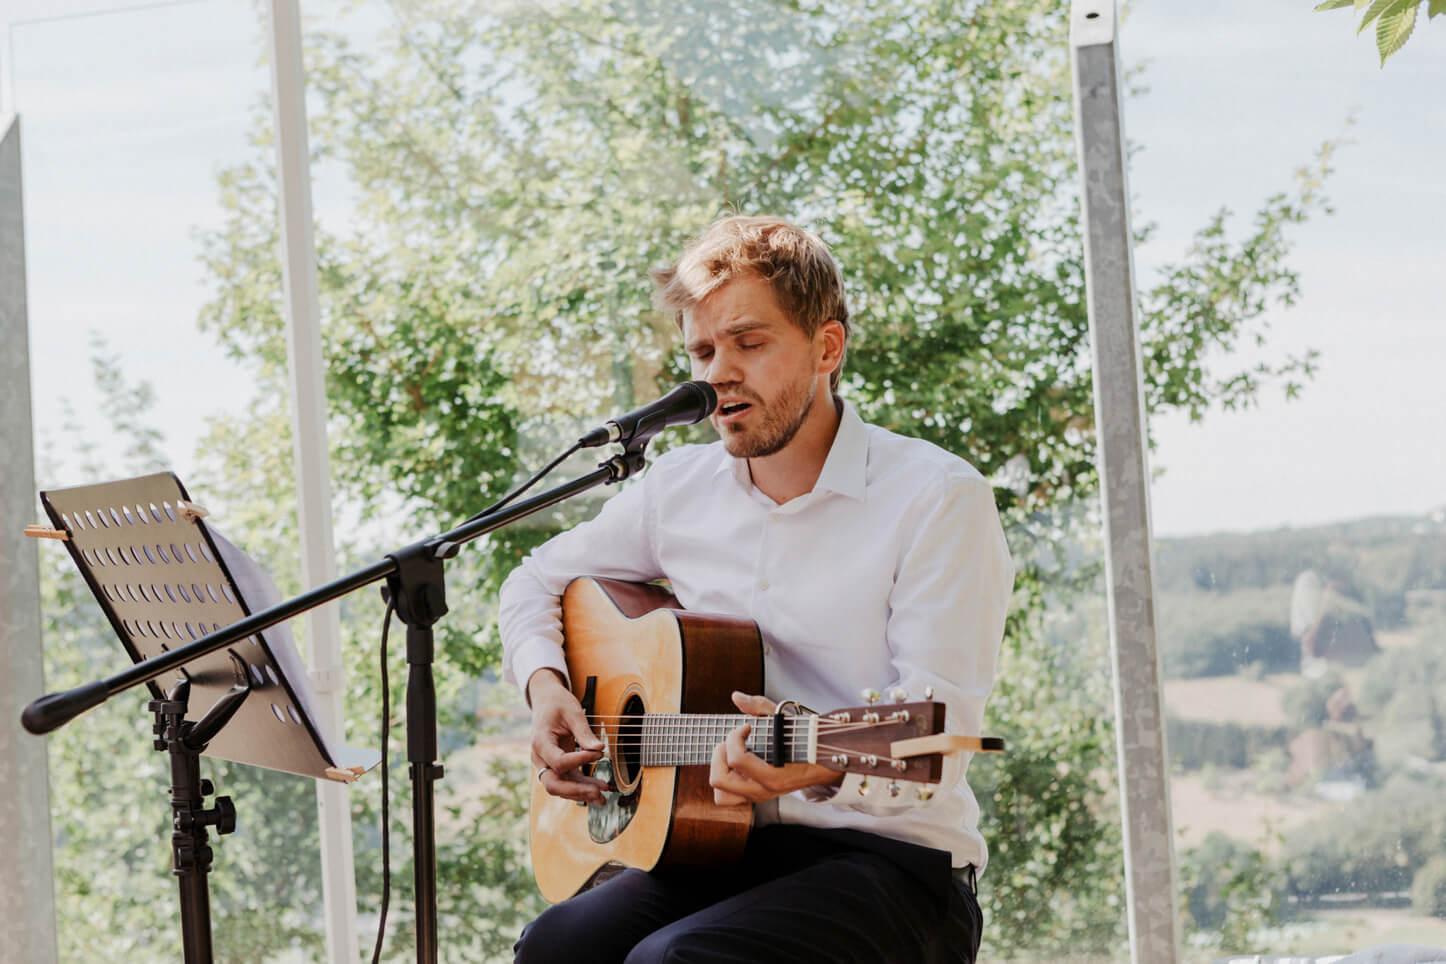 Sänger bei einer Hochzeit